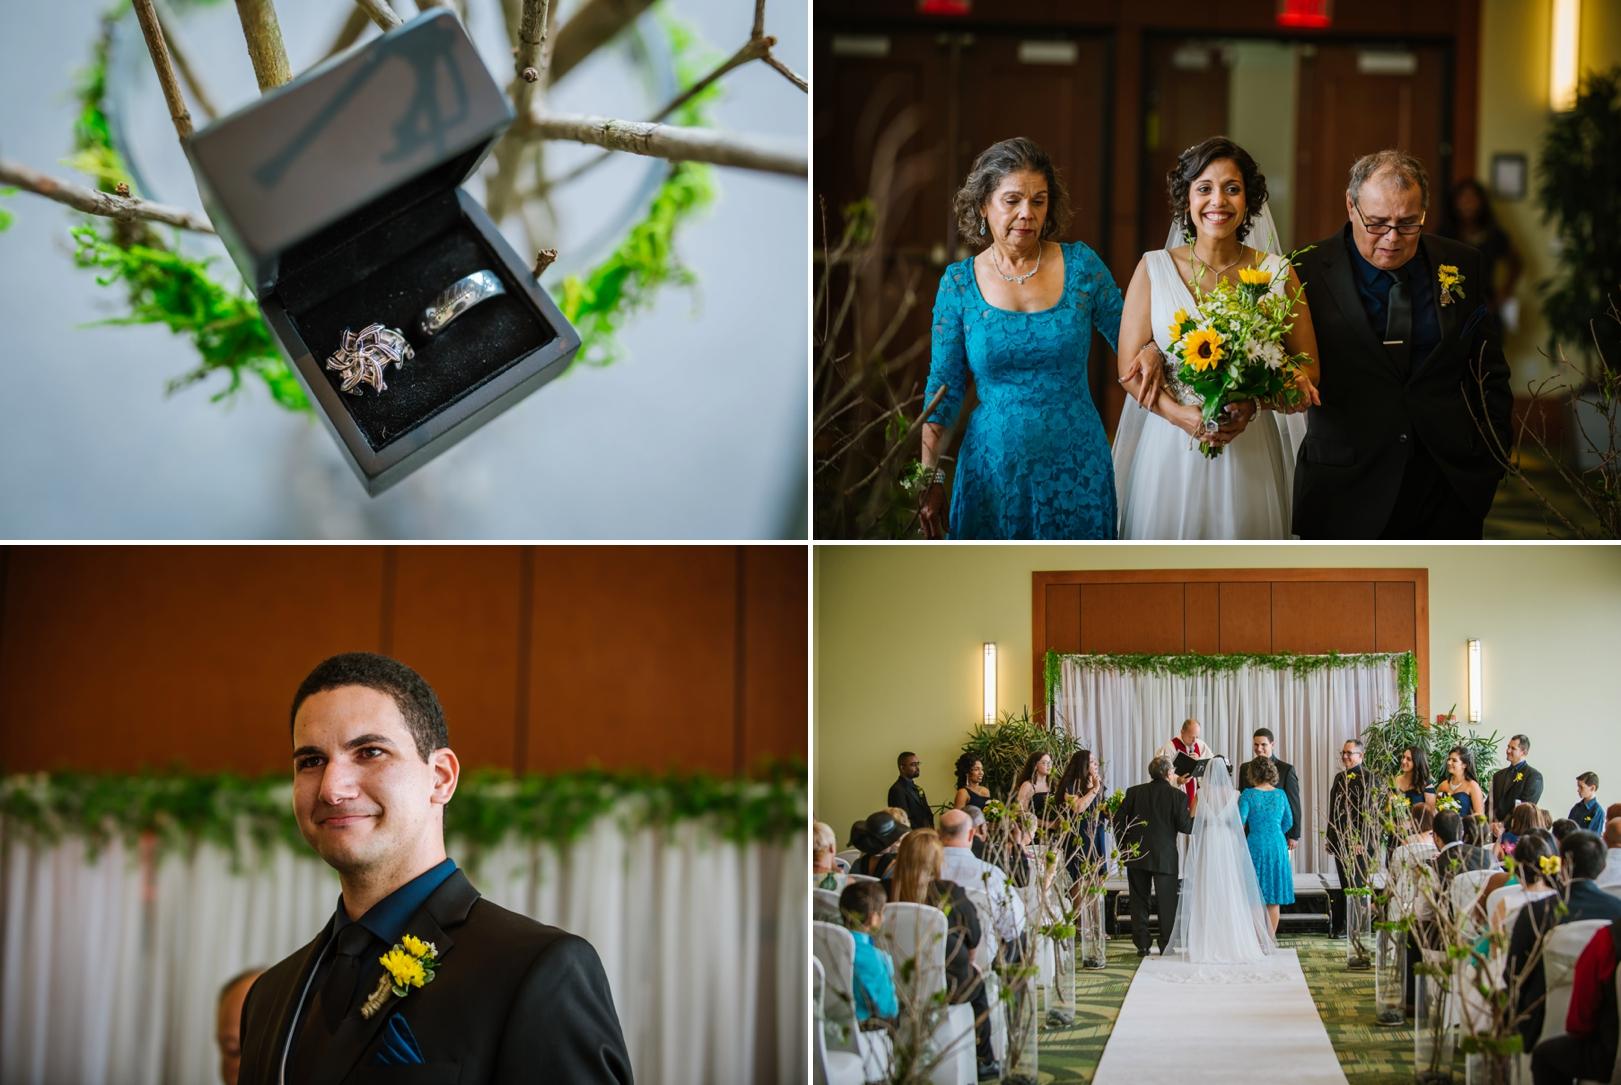 tampa-wedding-photographer-ashlee-hamon-usf_0015.jpg